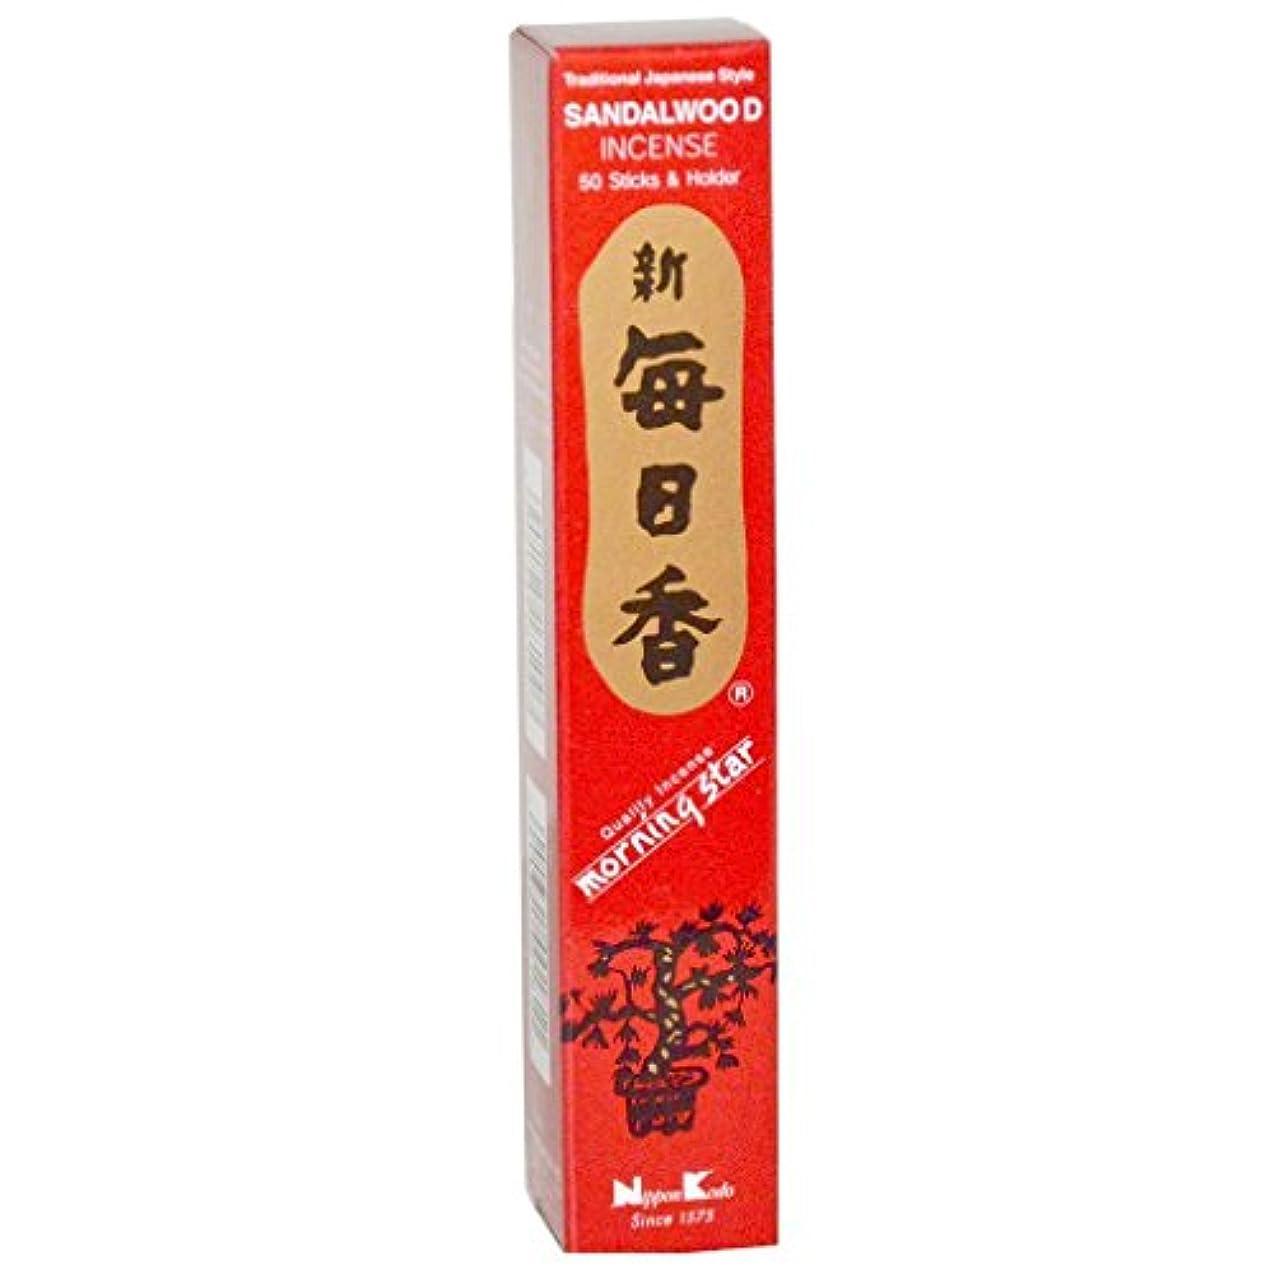 解明設計図解任Sandalwood Morning Star Quality Japanese Incense by Nippon Kodo - 50 Sticks + Holder